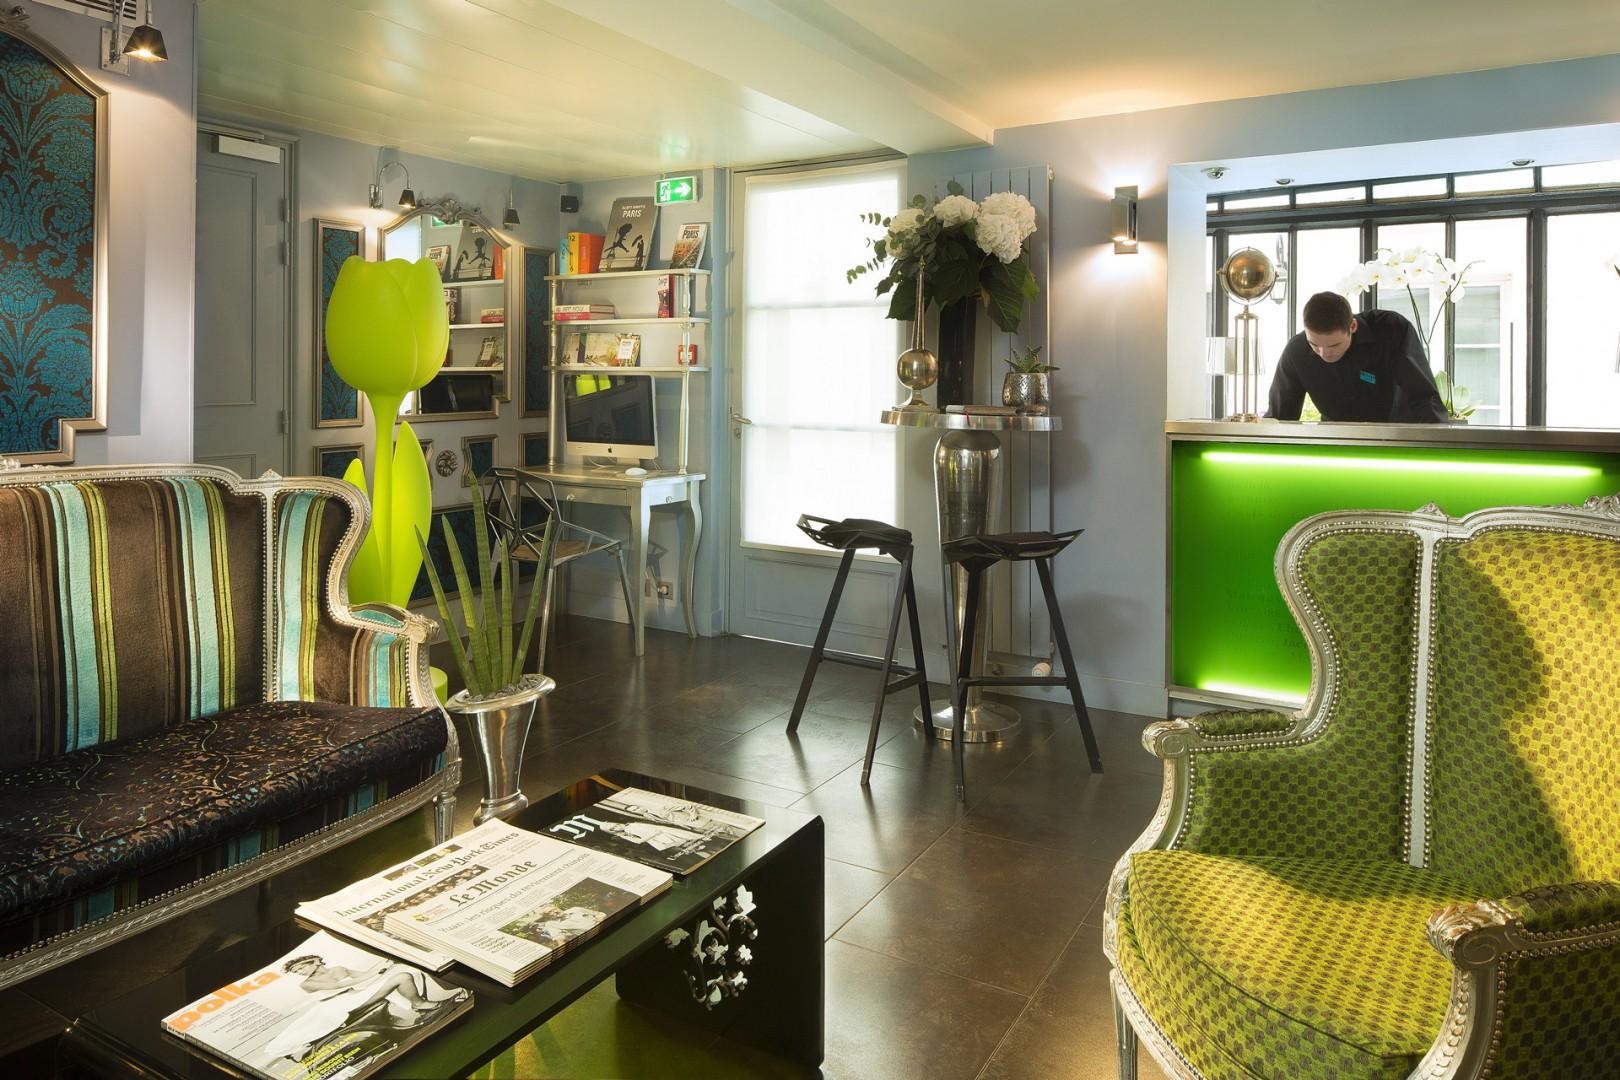 Galerie photos h tel design sorbonne paris panth on st for Hotel design sorbonne 6 rue victor cousin 75005 paris france